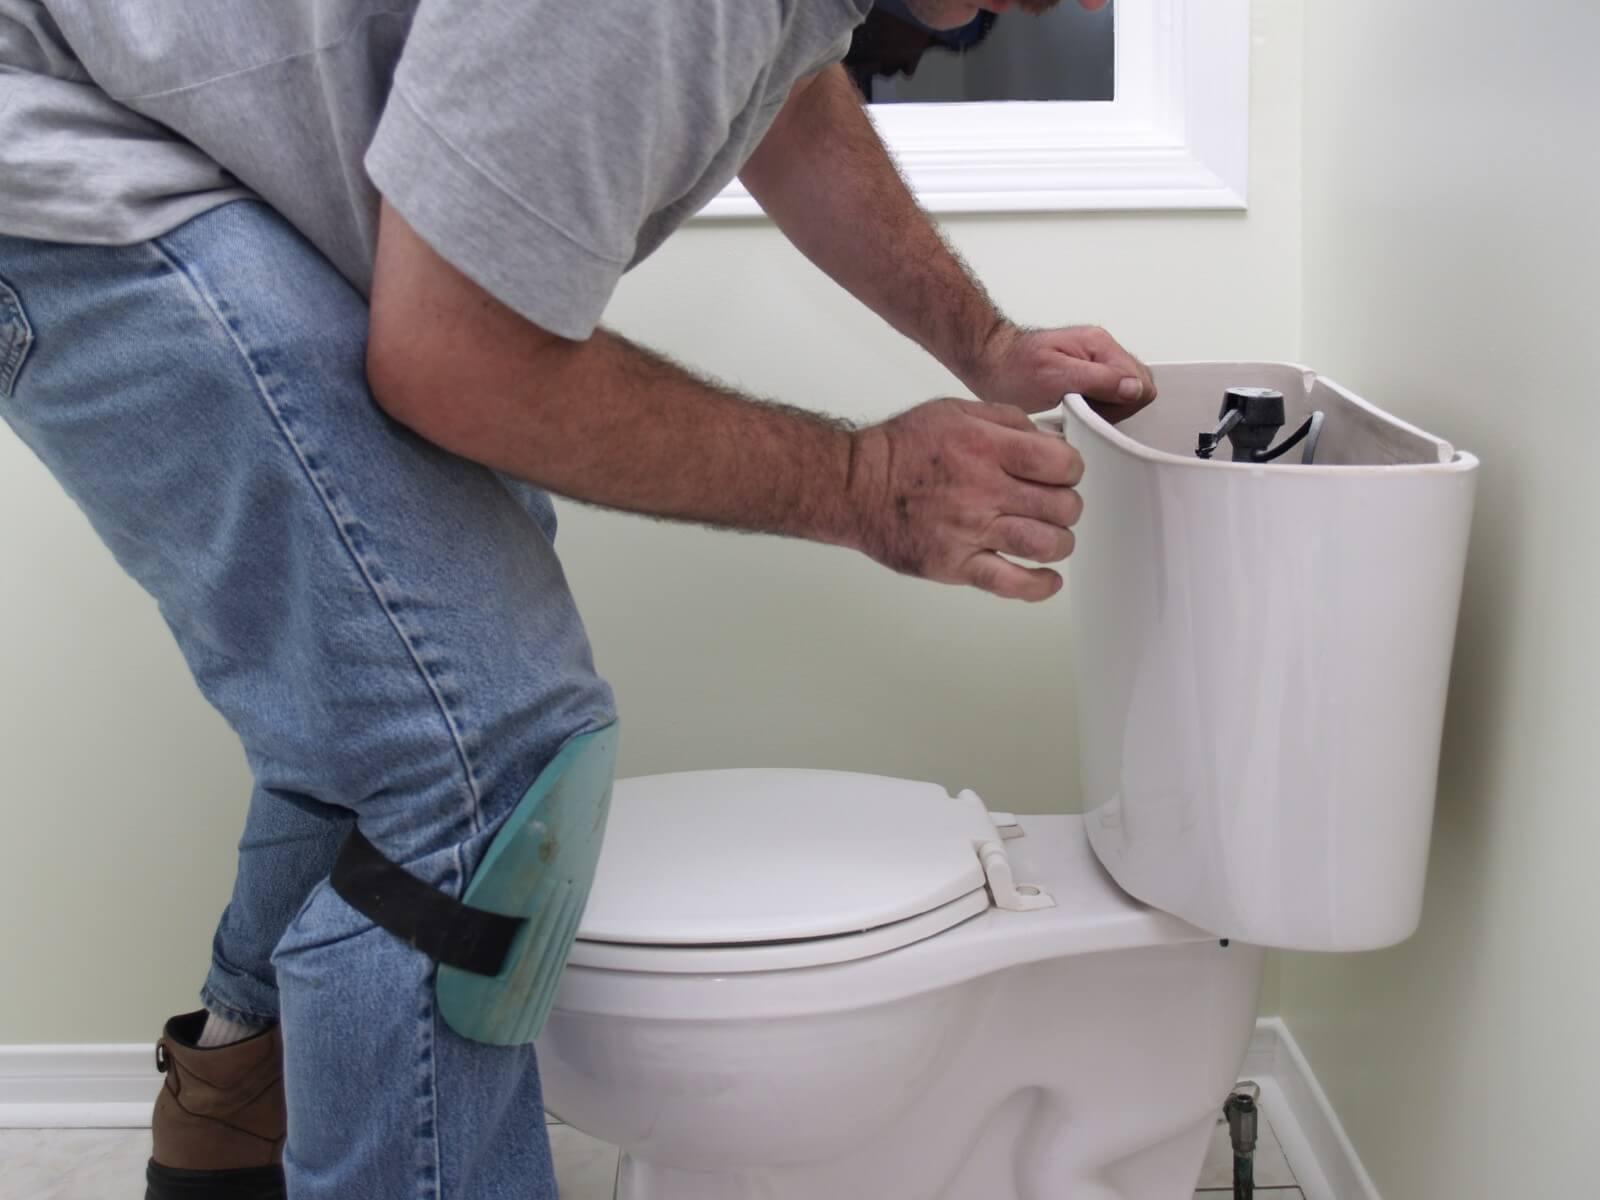 Протекает бачок унитаза – ищем брешь и ремонтируем ее сами + видео